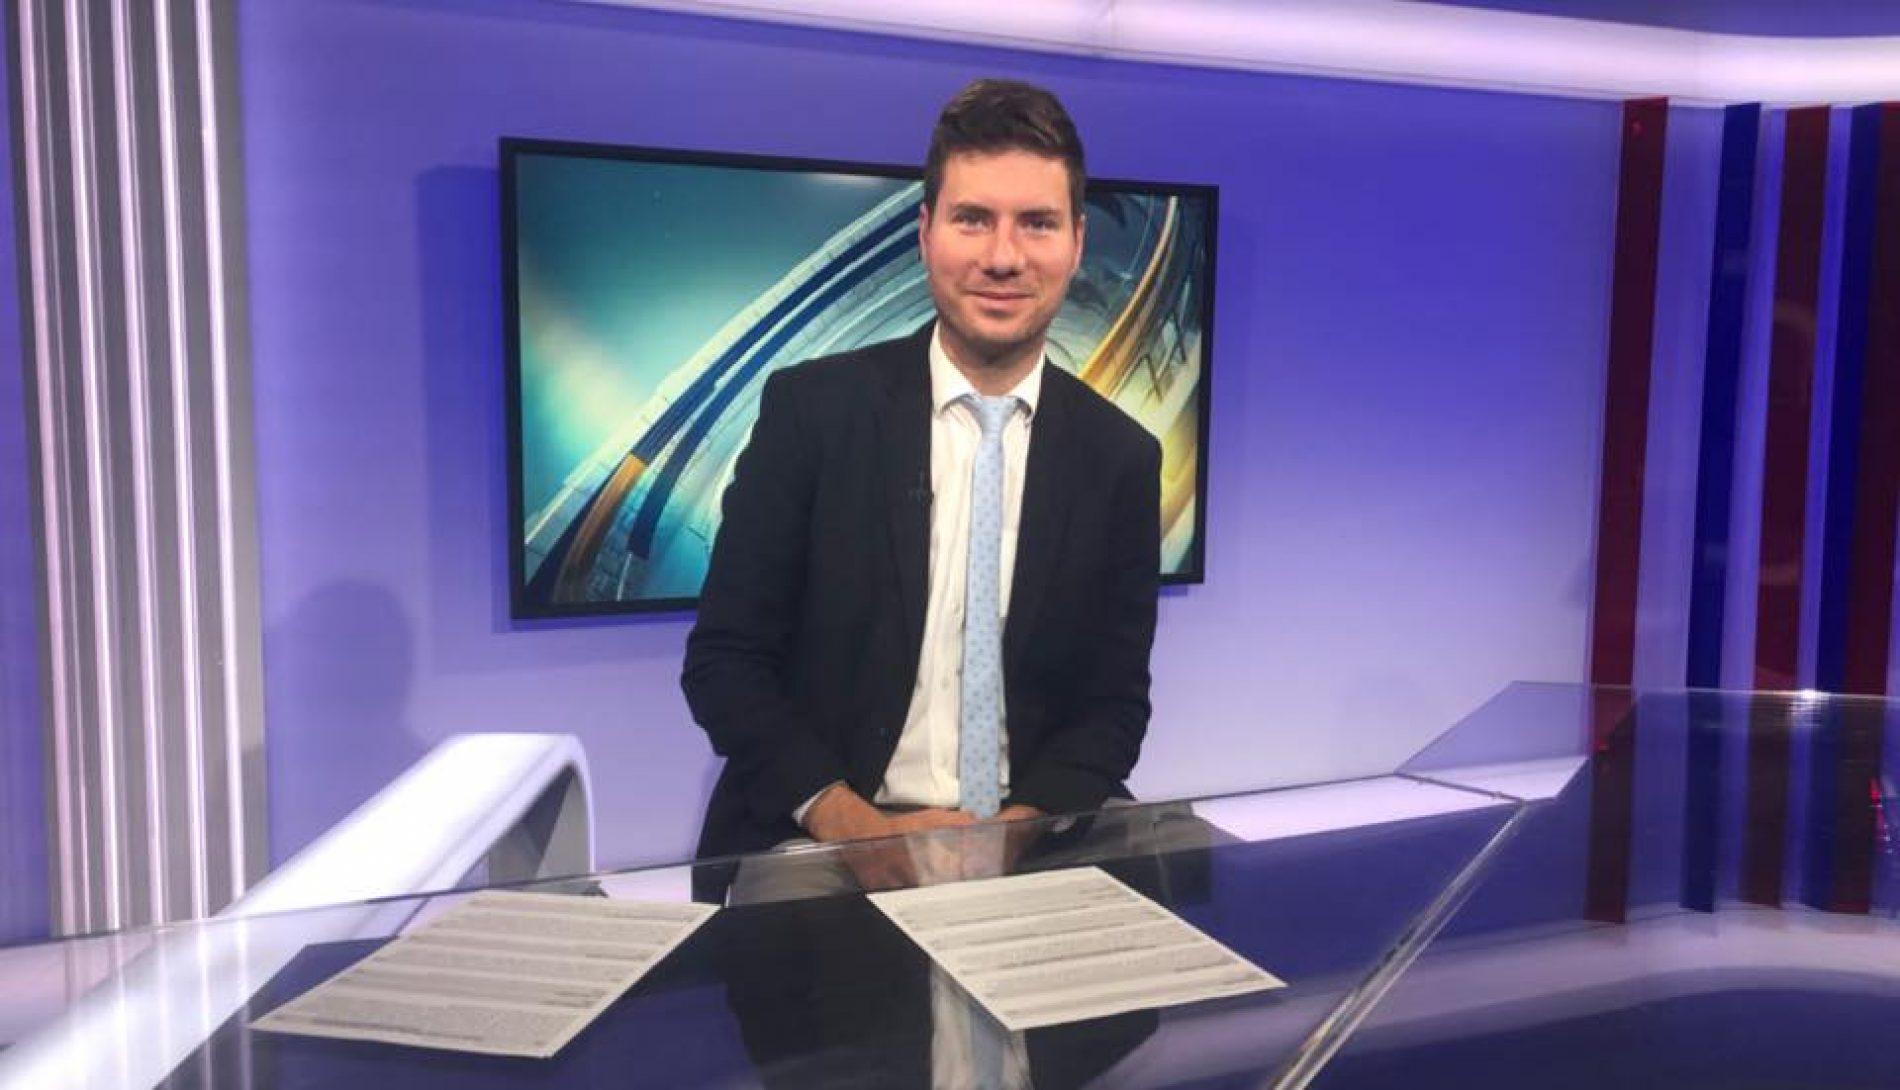 Pernar: HDZ zagovara politiku koja je toksična za BiH i njihovo preglasavanje je pozitivan politički trenutak